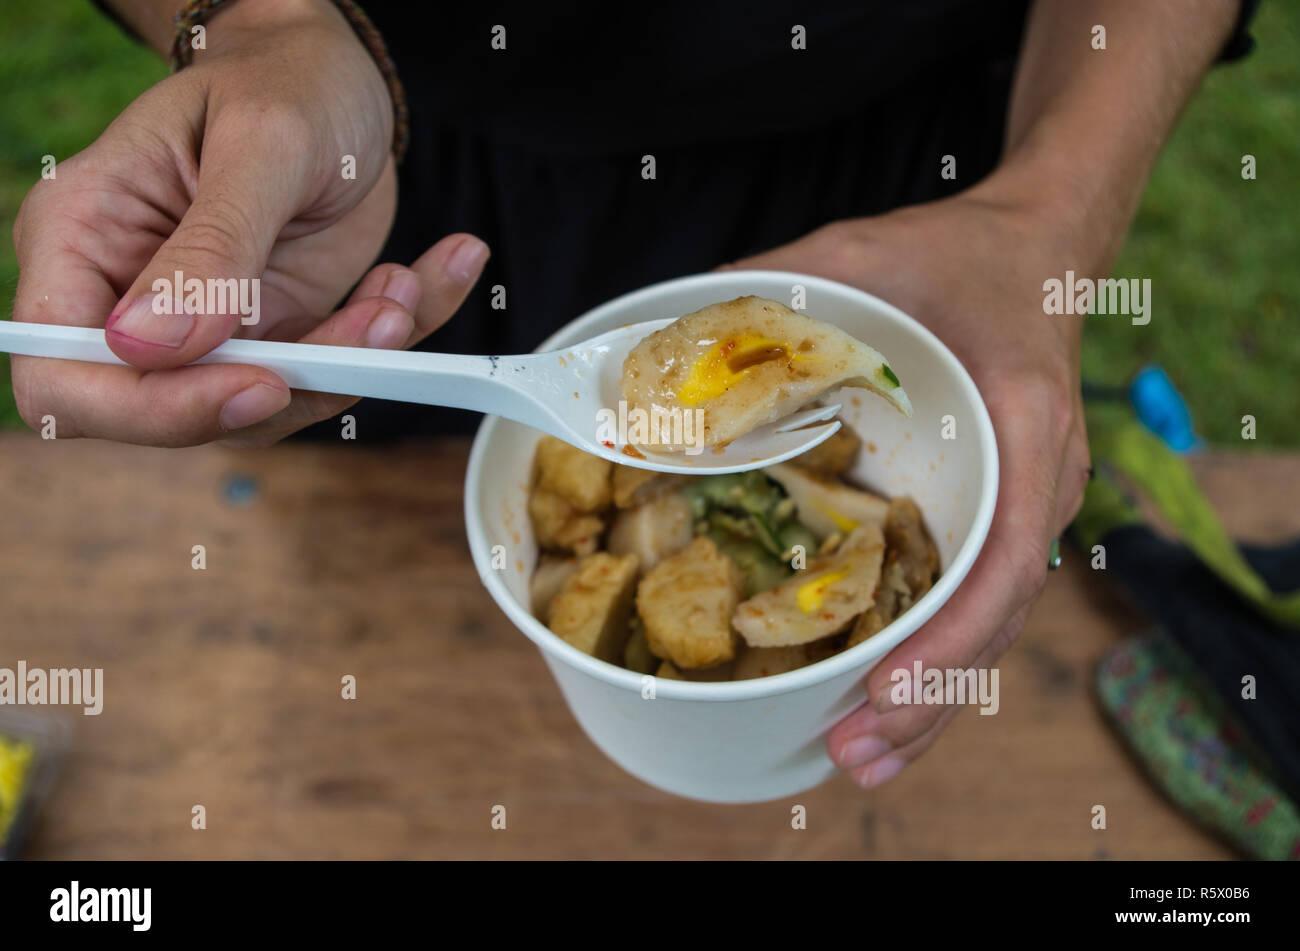 Pempek Palembang - fishcake delicacy from Palembang, Sumatra, Indonesia - Stock Image